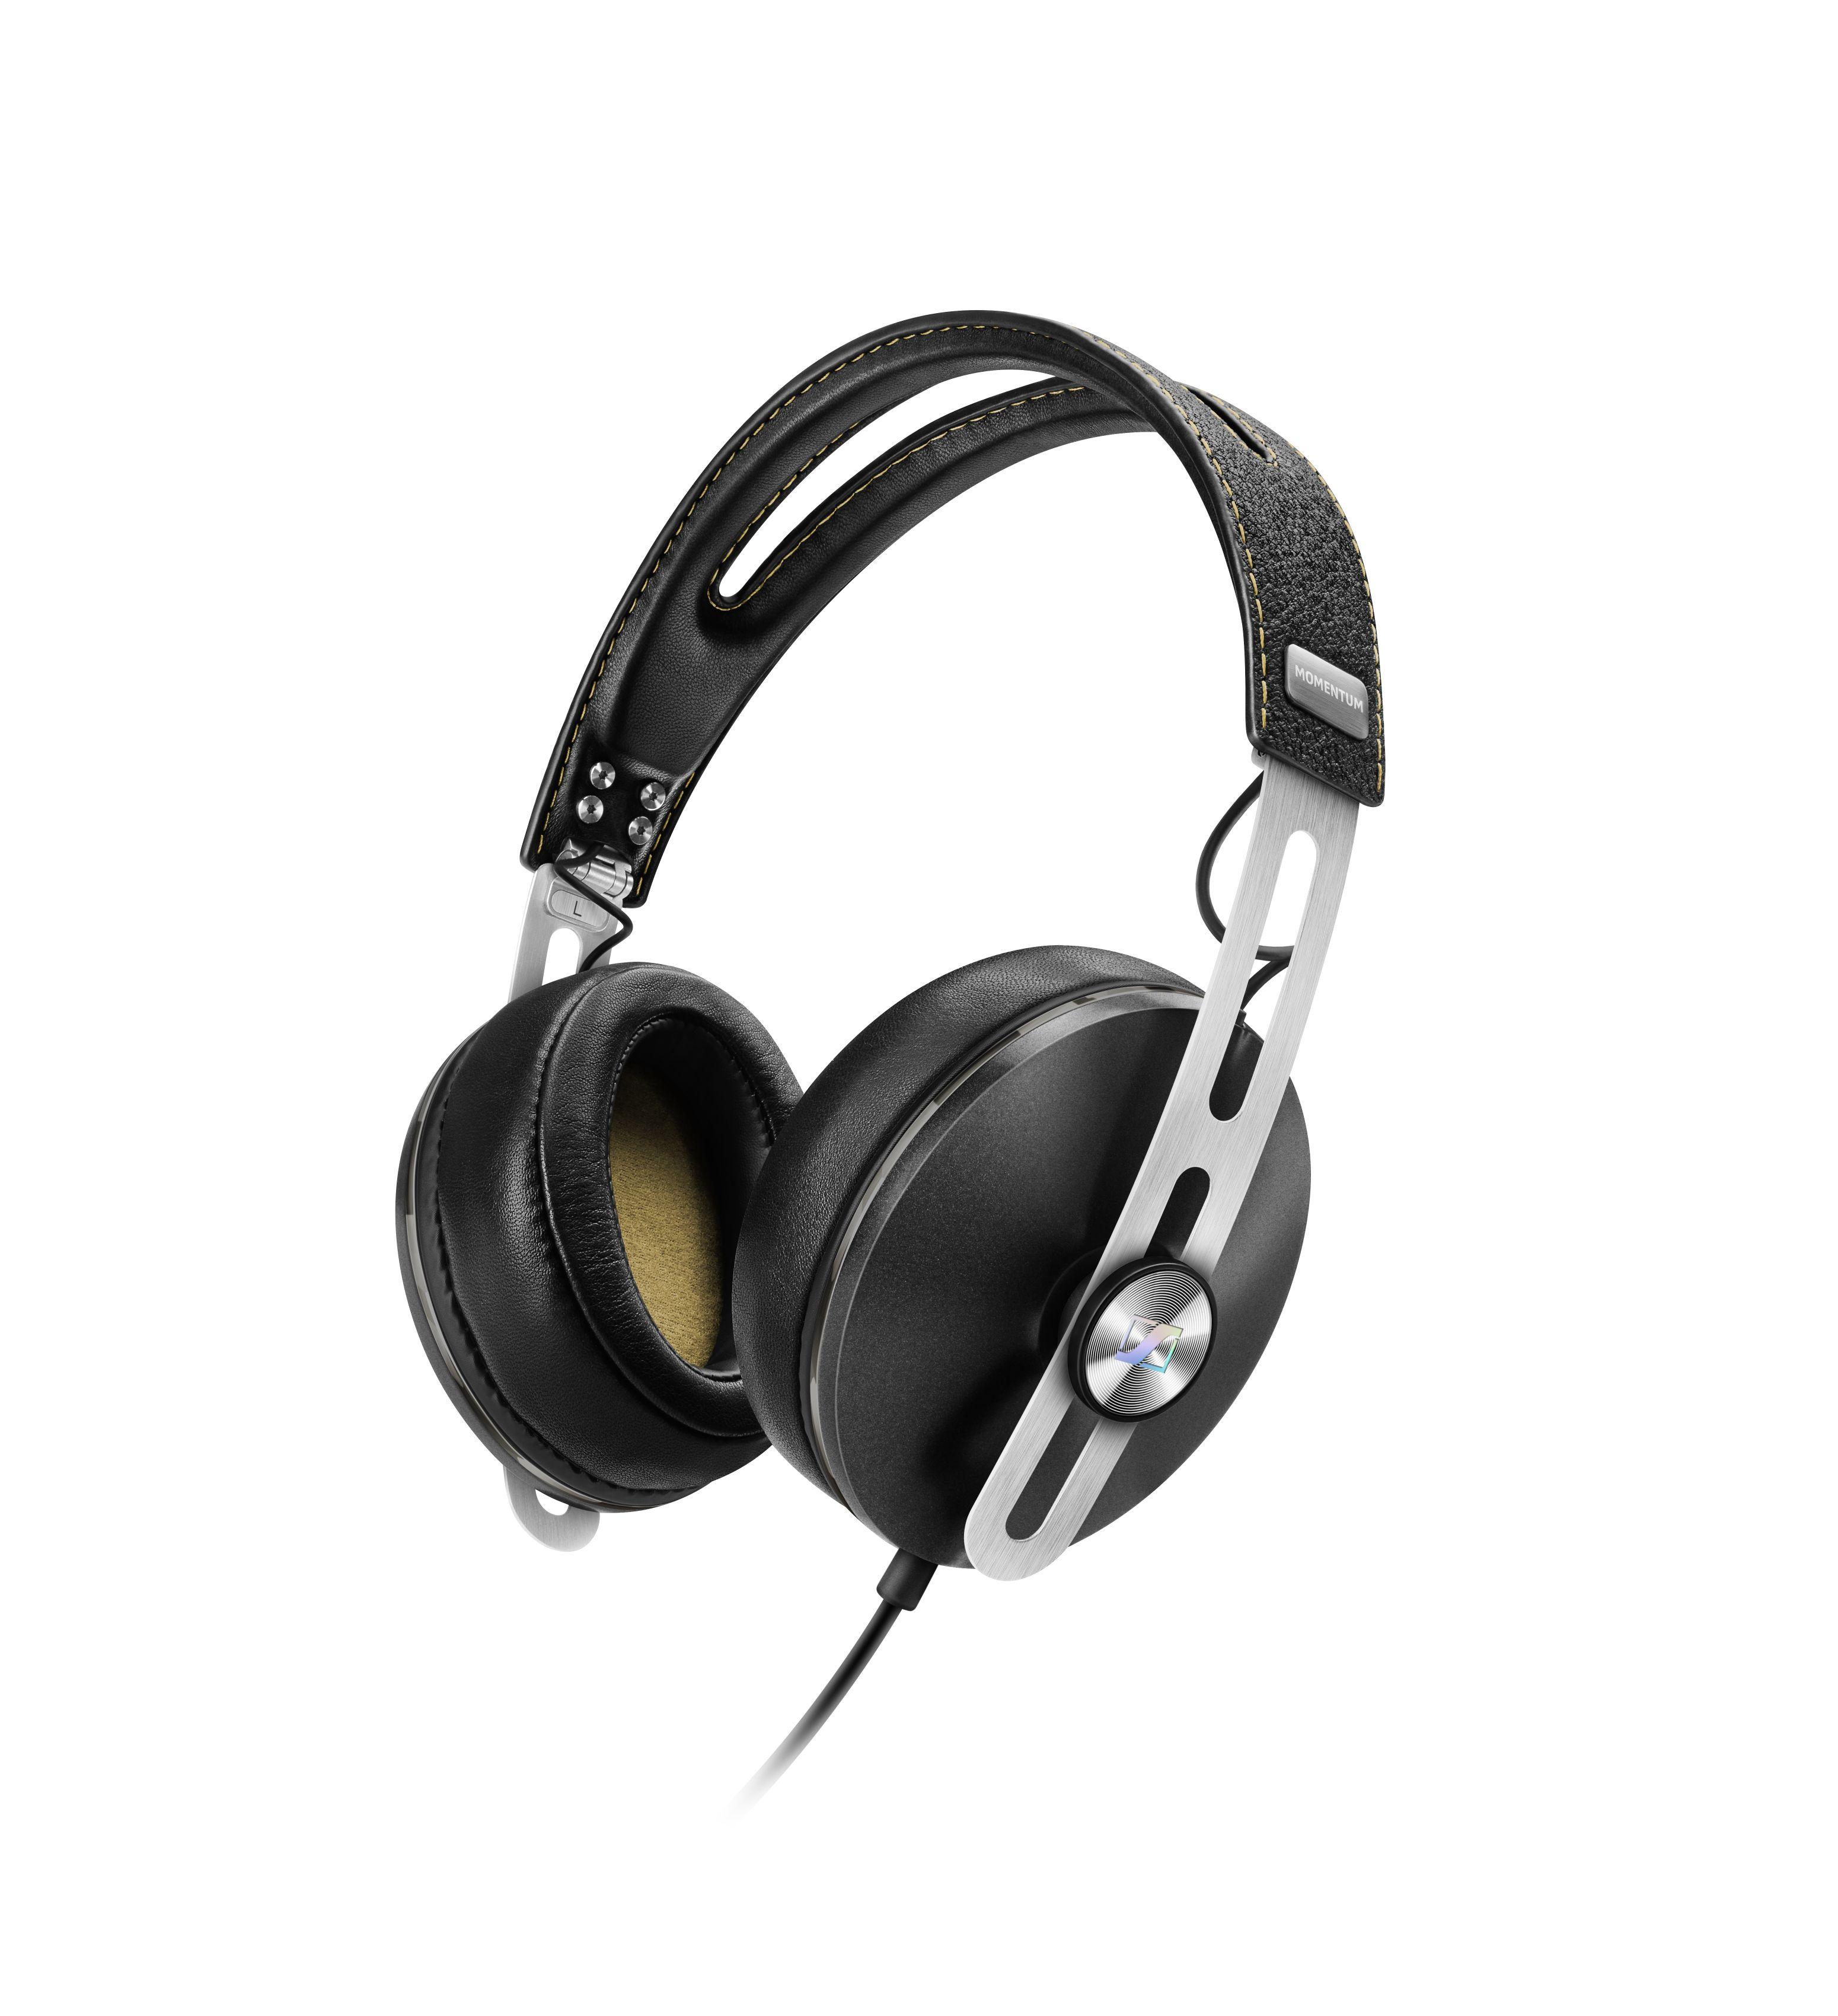 Наушники Sennheiser Momentum 2.0 On-Ear (M2 OEi) BlackНаушники и гарнитуры<br>Sennheiser Momentum 2.0 On-Ear (M2 OEi) Black — новое слово в звуке!<br> <br> Наушники Sennheiser Momentum 2.0 On-Ear (M2 OEi) Black — это модель второго поколения серии Momentum On Ear. Улучшенная конструкция, улучшенные звуковые характеристики, прогрессивный дизайн и при всем этом доступная цена — вот отличительные черты данной модели. Эти наушники буквально притягивают к себе взгляды и вызывают огромное желание купить их как можно скорее. В чем же дело, почему они так привлекательны?<br><br><br><br> Конечно, дело в их стильном дизайне, а еще в потрясающих характеристиках и возможностях. Вы уже заинтригованы?...<br><br>Тип: наушники<br>Тип акустического оформления: Закрытые<br>Тип подключения: Проводные<br>Номинальная мощность мВт: 200<br>Диапазон воспроизводимых частот, Гц: 16 - 22000<br>Сопротивление, Импеданс: 18 Ом<br>Чувствительность дБ: 113<br>Микрофон: есть<br>Частотный диапазон микрофона, Гц: 100 - 10000